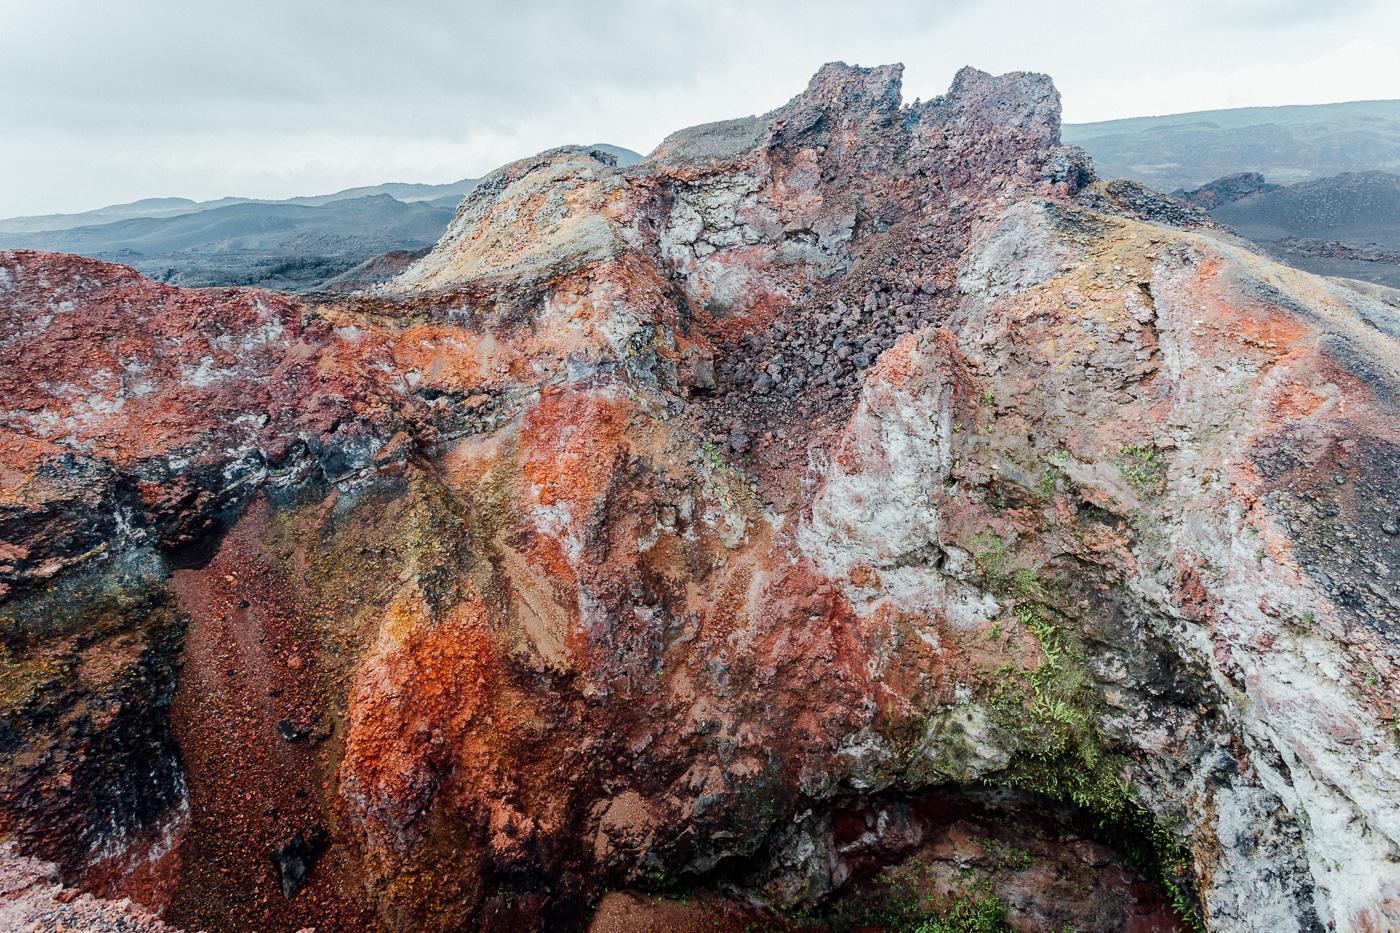 Вулкан Сьерра Негра на острове Исабела, Галапагосские острова